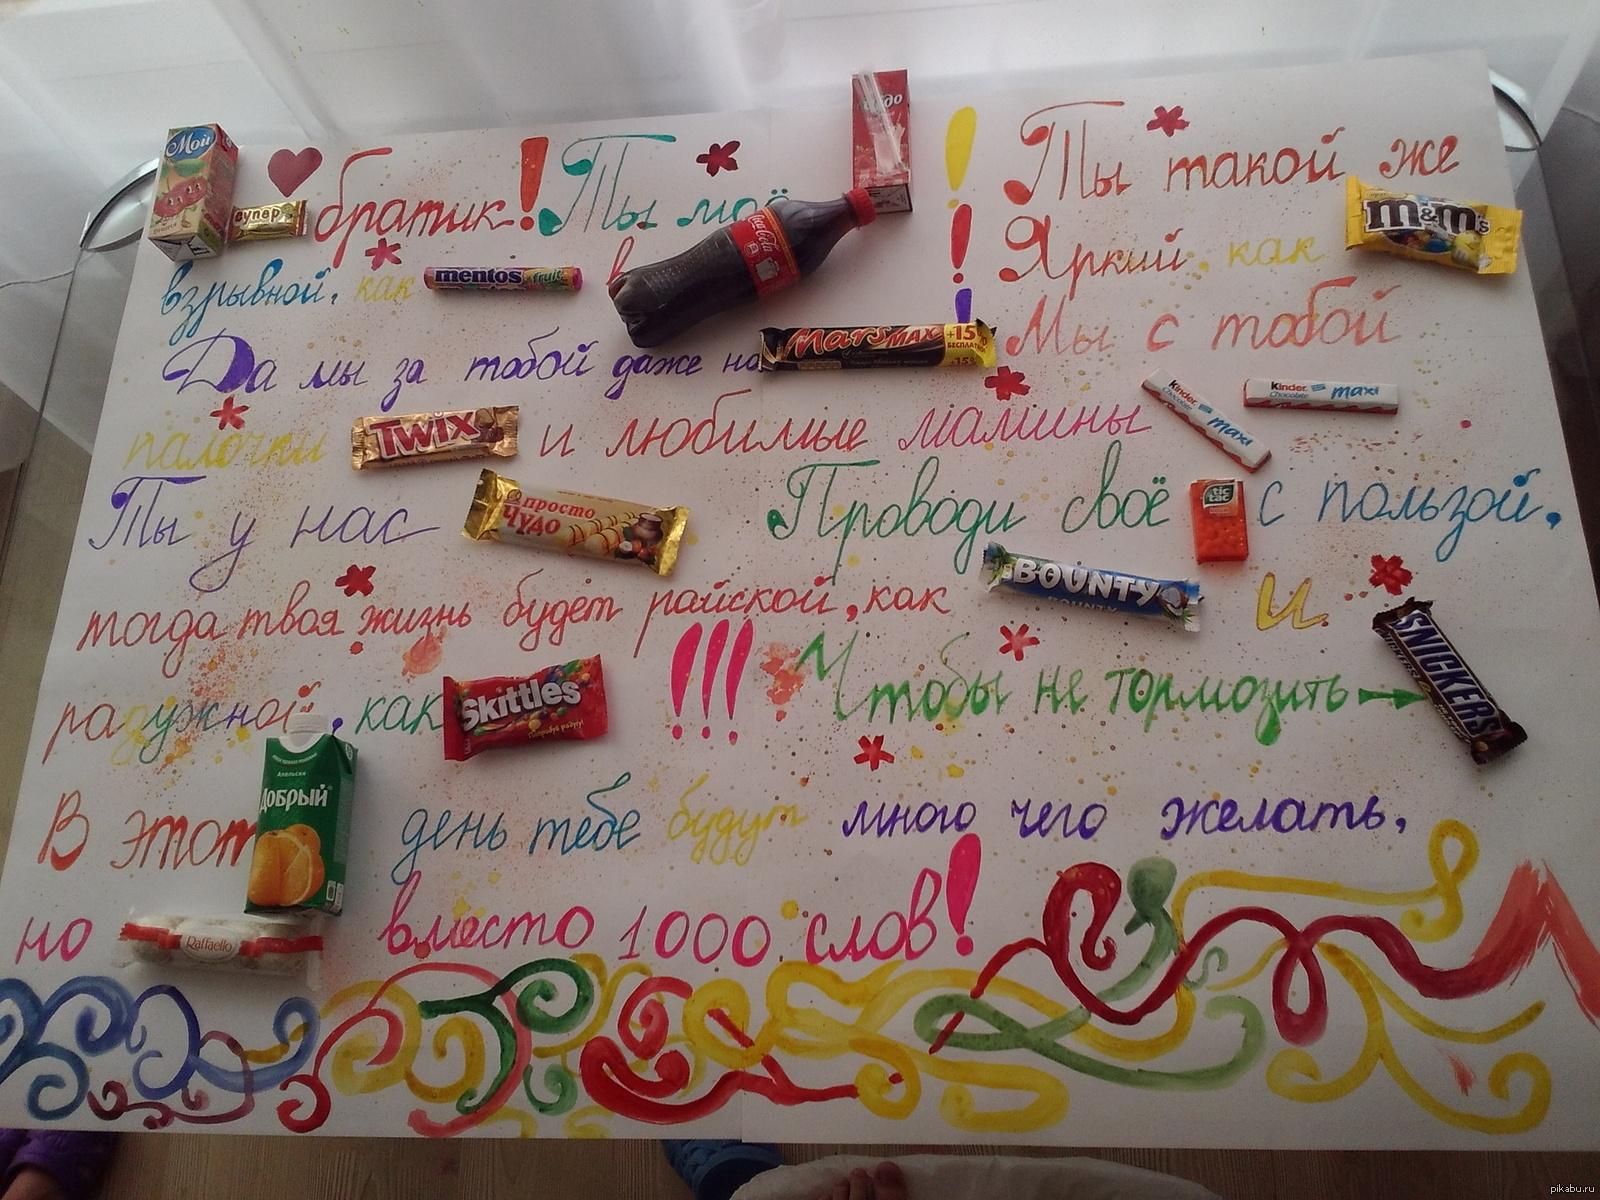 Ухтыбокс создает необычные подарки на день рождения